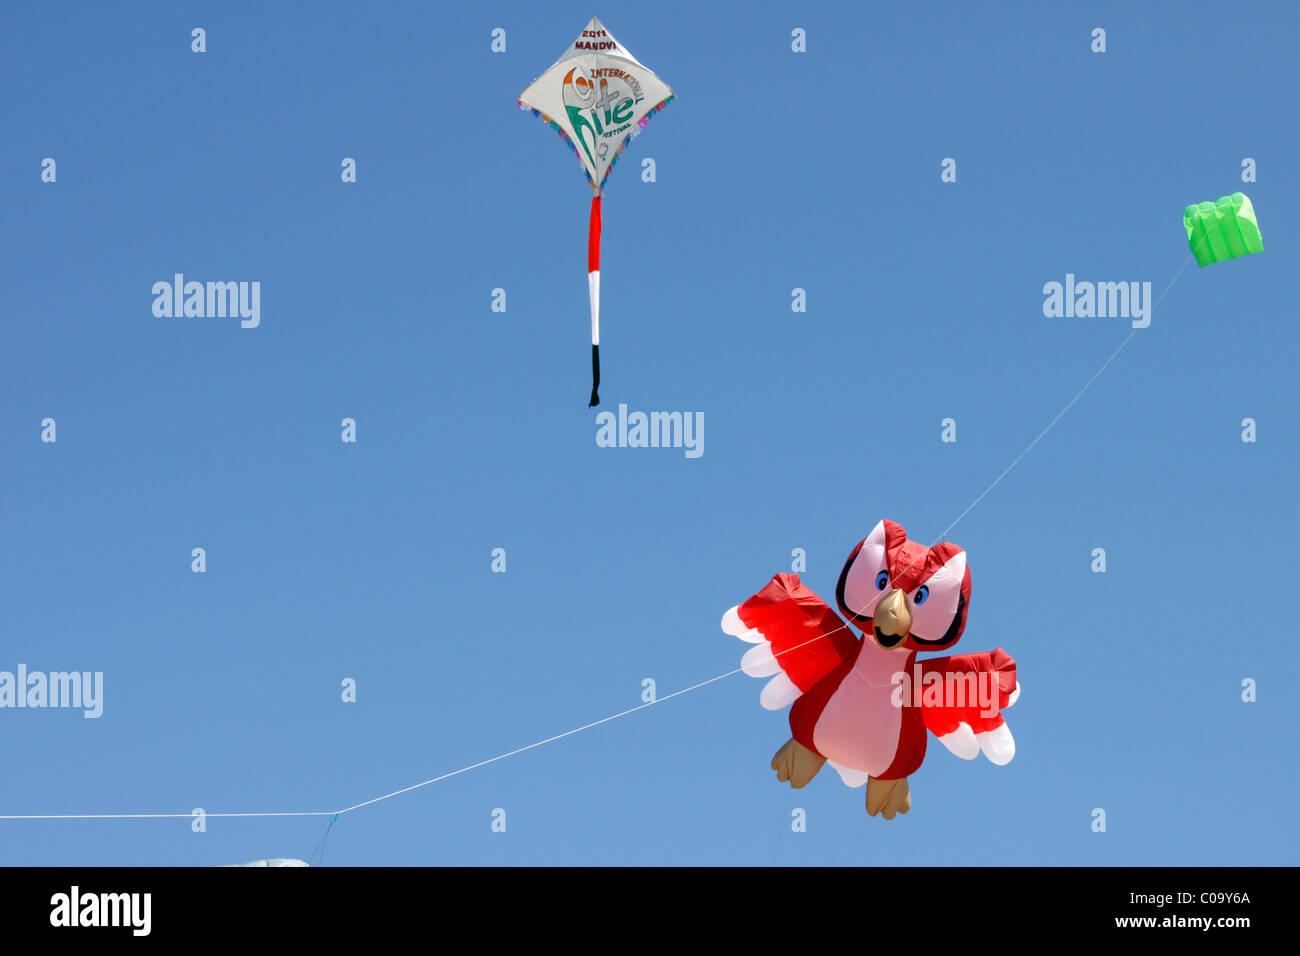 Kite festival, Gujarat, india - Stock Image